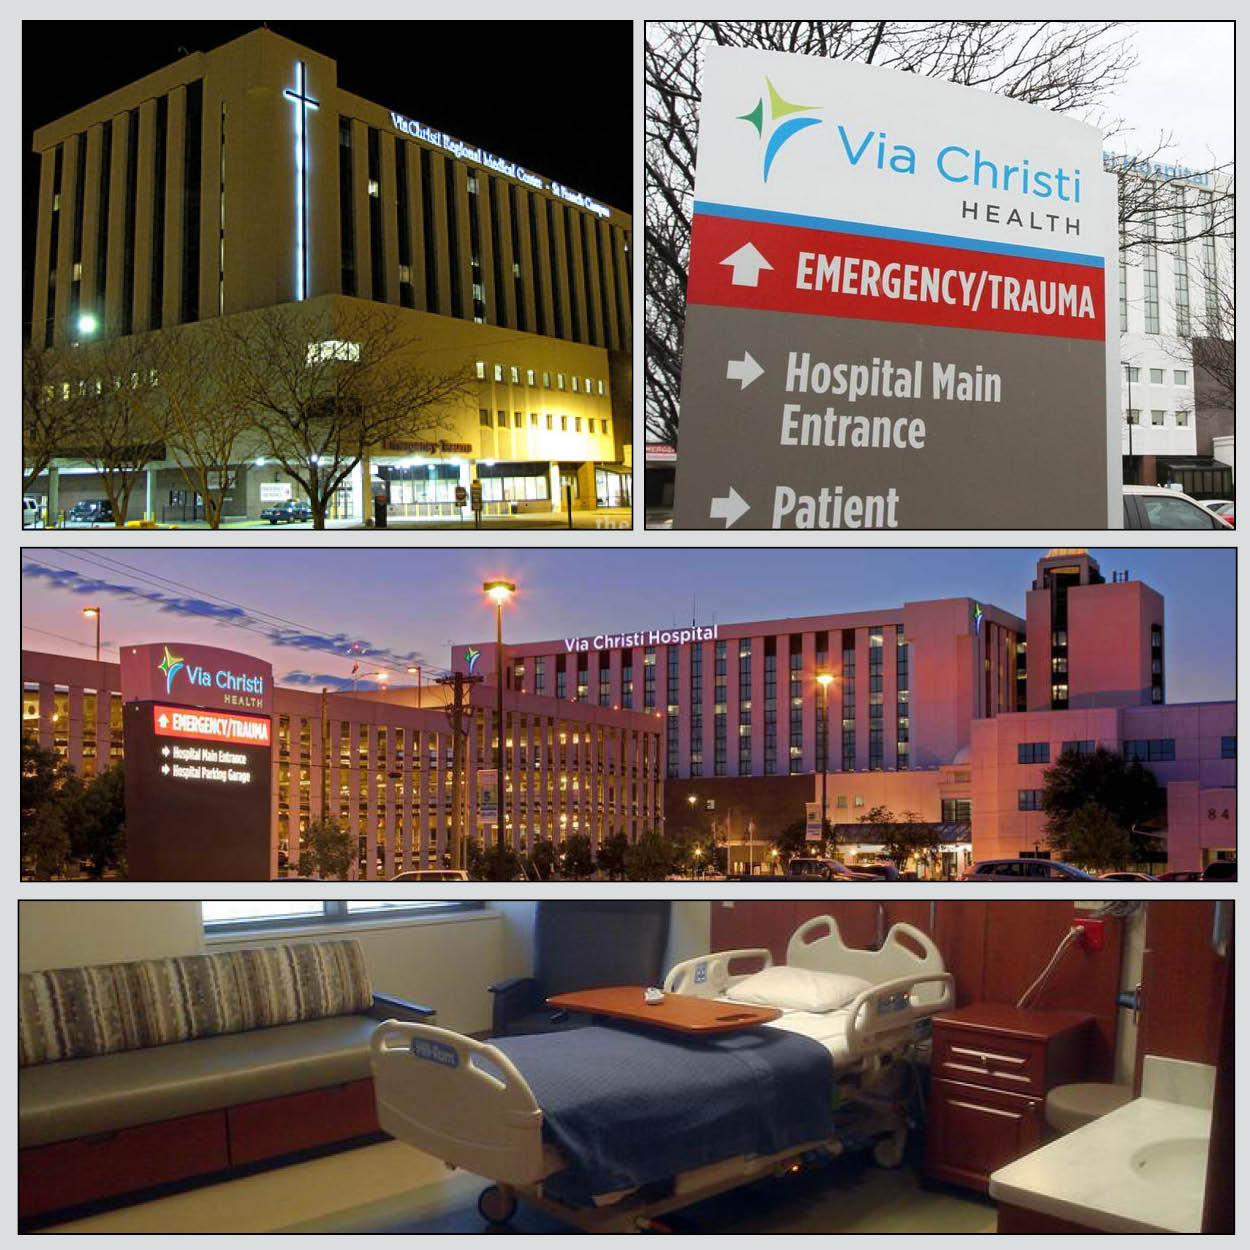 via-christi-hospital